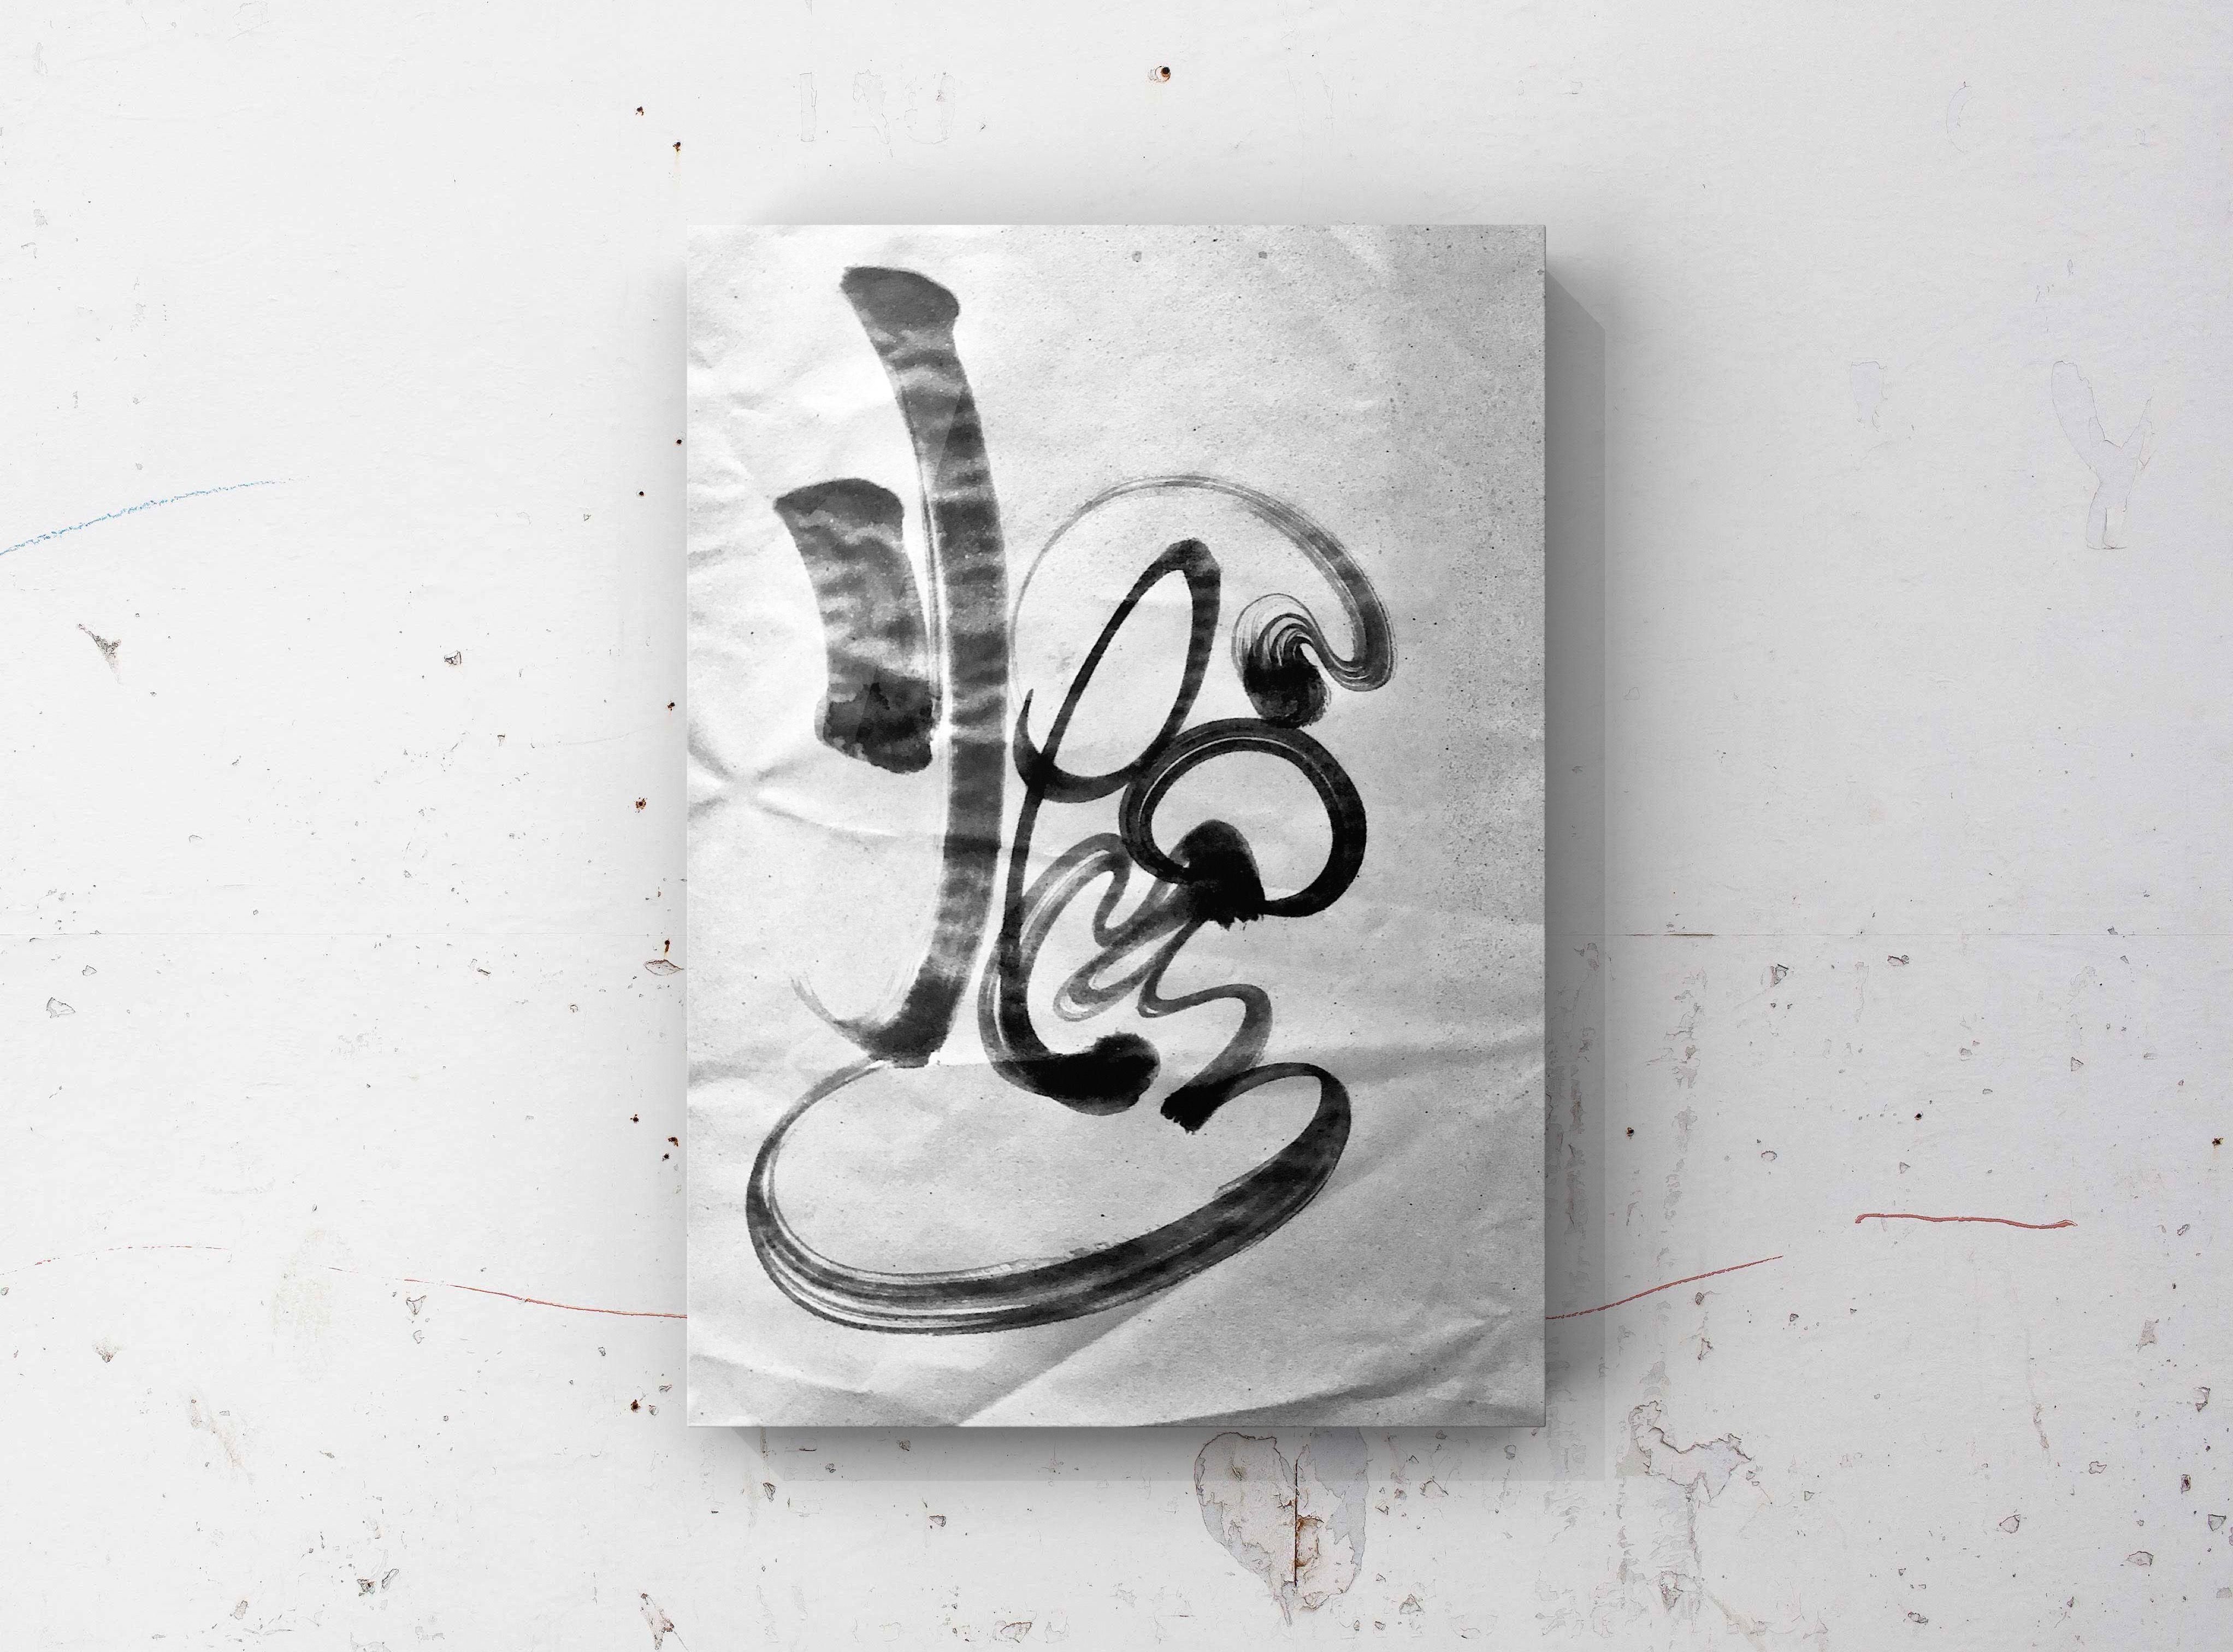 Ảnh chữ Nhẫn thư pháp cực đẹp